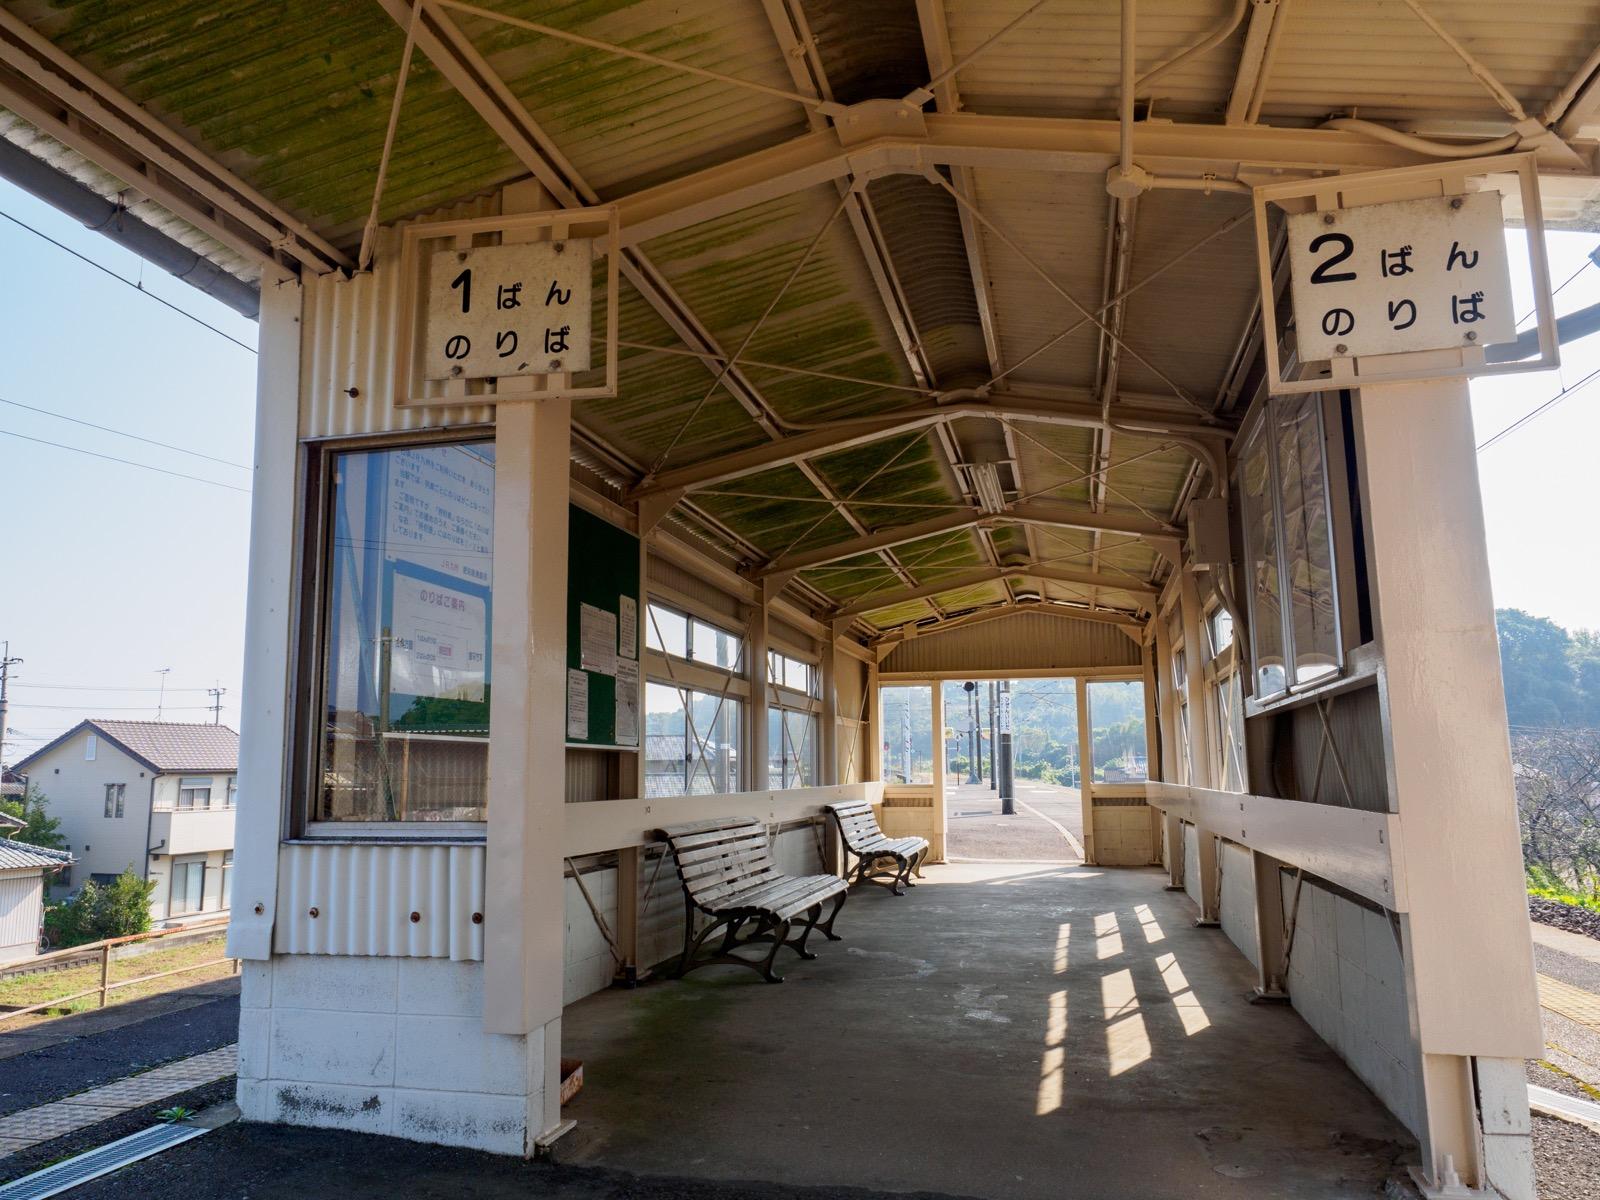 肥前飯田駅のホームにある待合室